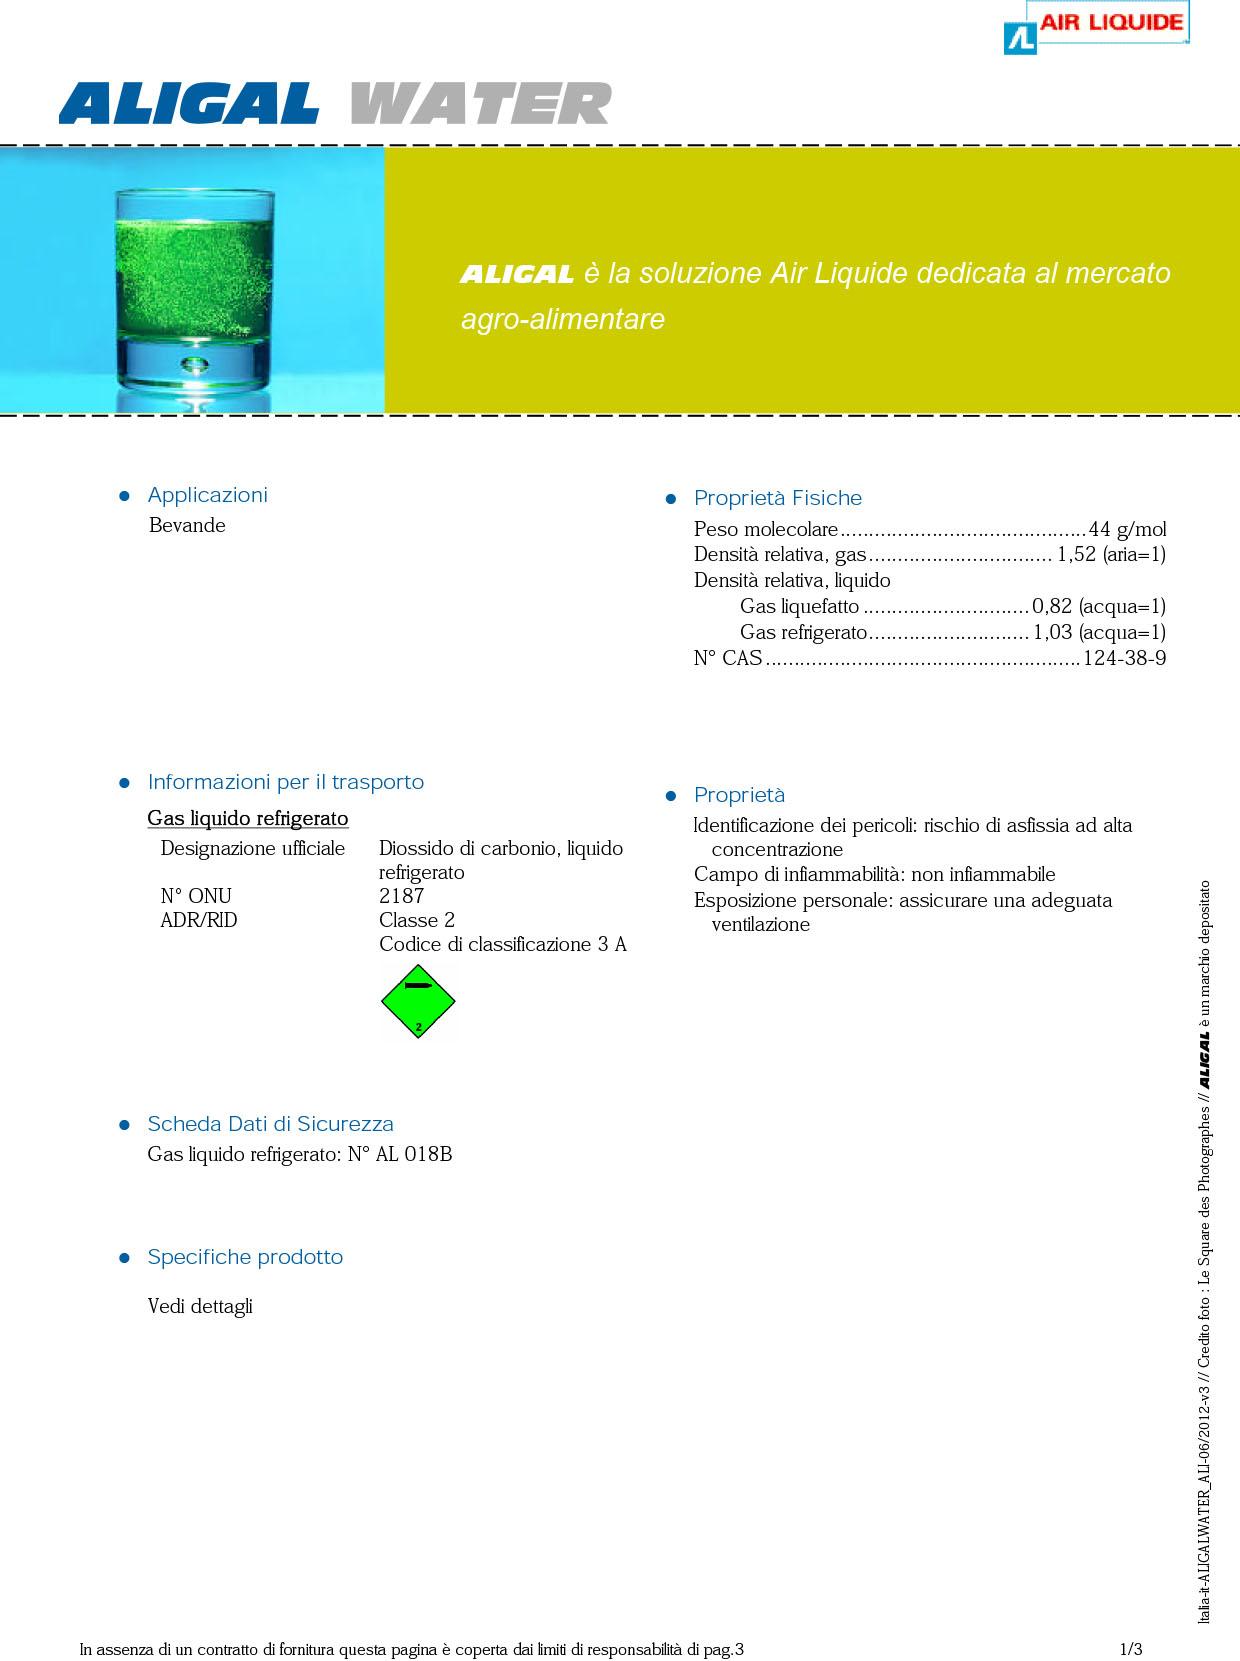 Aligal Water